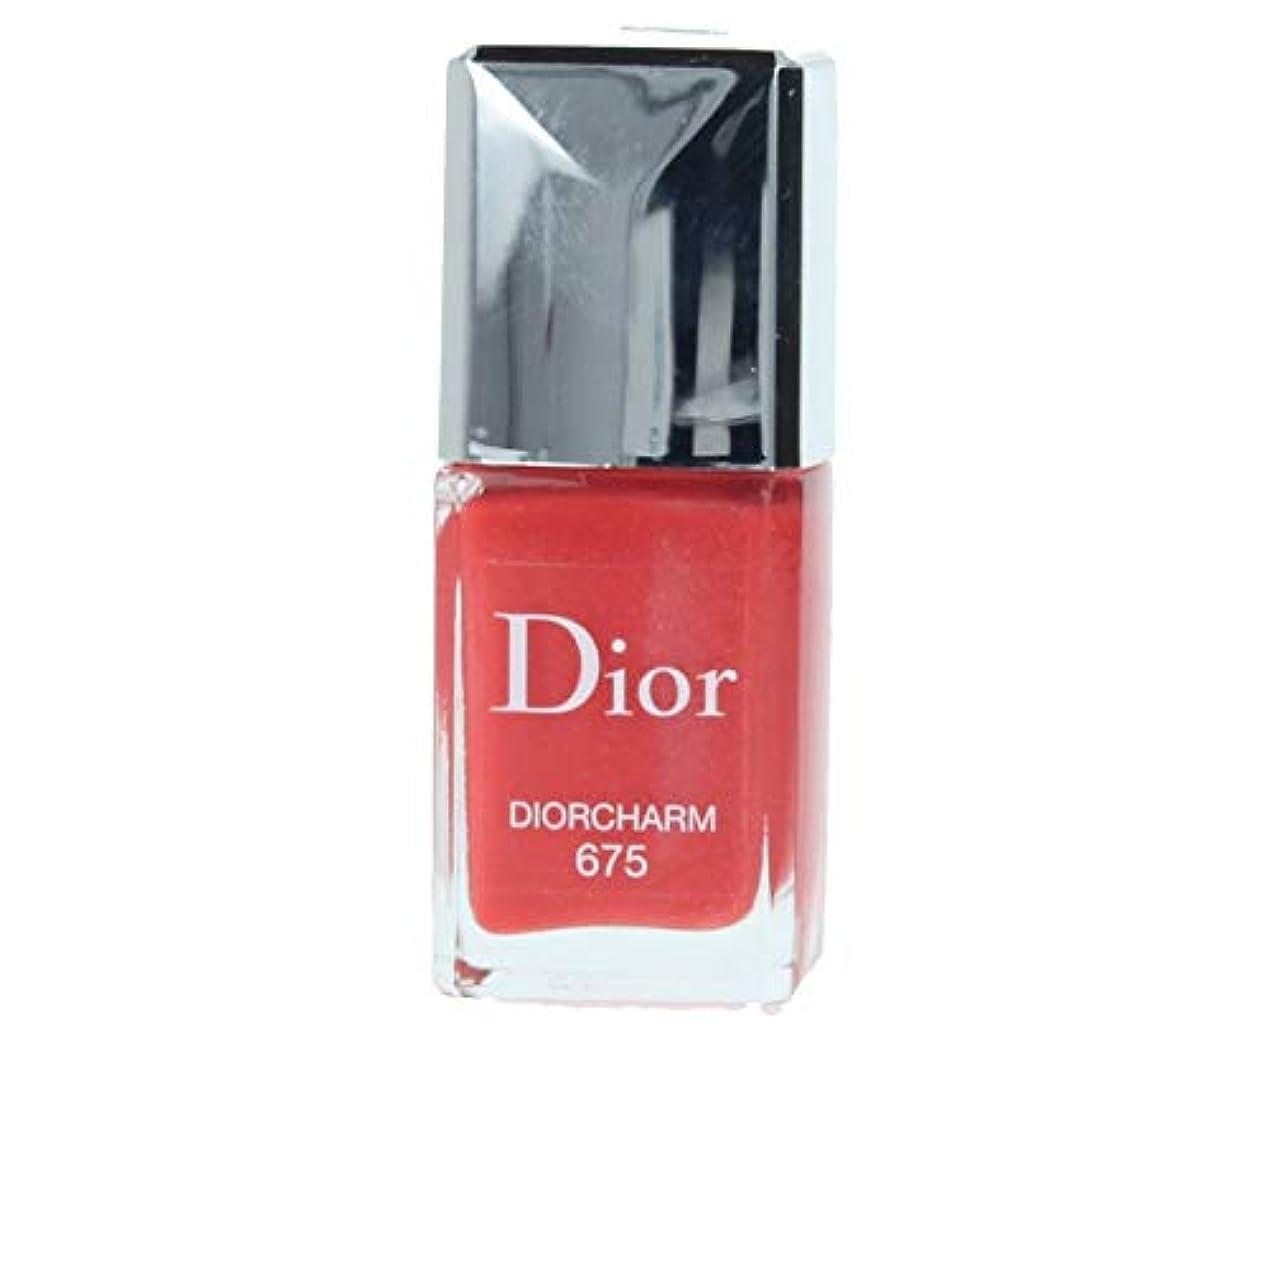 サポート教義歌詞Dior(ディオール) ディオール ヴェルニ 19 ステラーシャイン限定 10ml (675 ディオールチャーム)